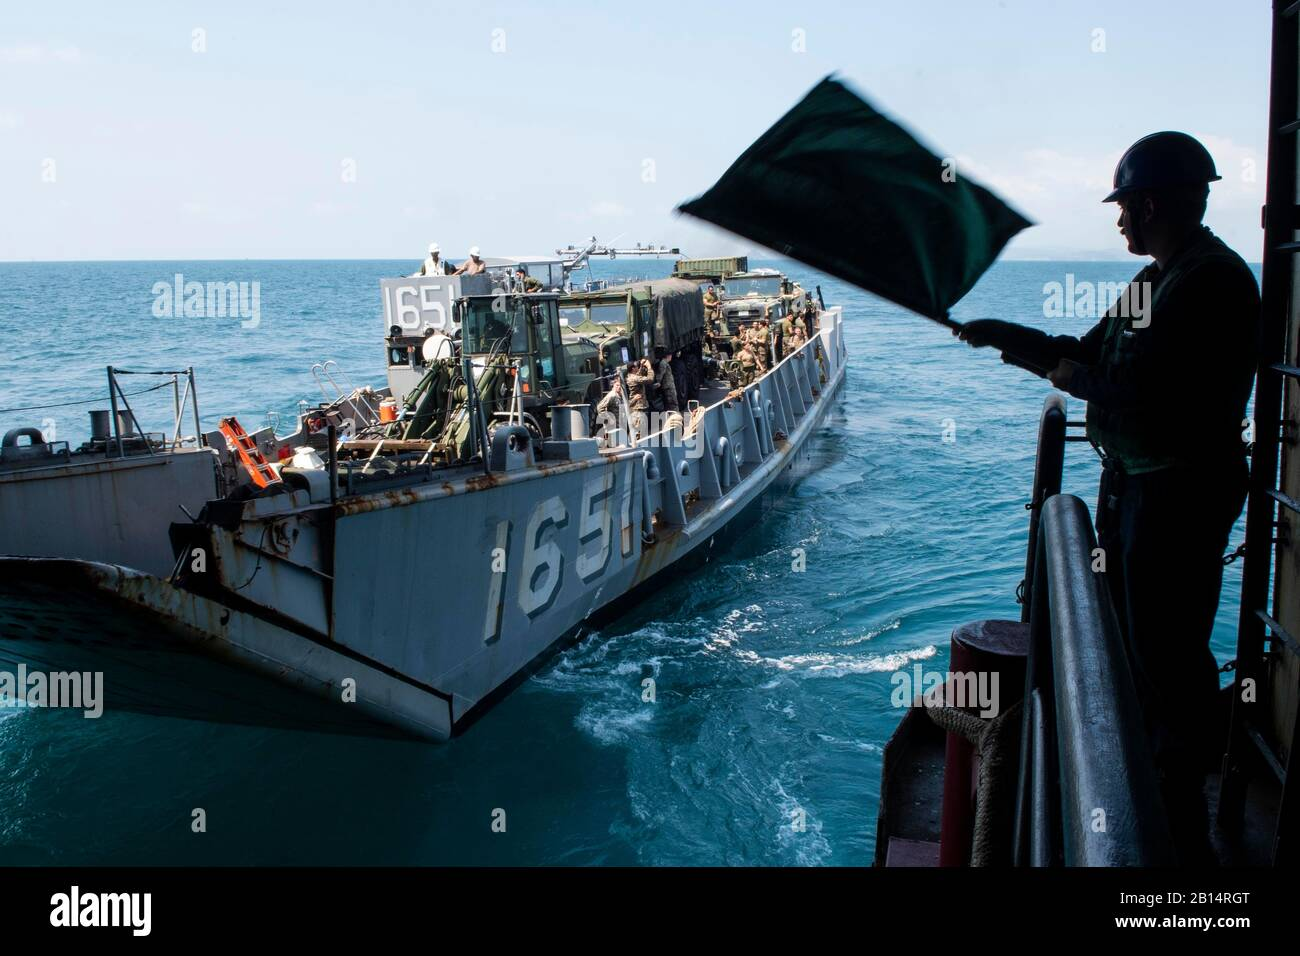 Marina Landing Craft utility (LCU) 1651, asignado a la unidad de playa navales (NBU) 7, sale bien la cubierta del buque anfibio de transporte dock USS Green Bay (LPD 20) en el Golfo de Tailandia, 7 de febrero de 2019. El Green Bay, parte de las WASP Amphibious Ready Group, inició con 31 Unidad Expedicionaria de los Infantes de Marina (MEU), se encuentra en Tailandia a participar en el ejercicio Cobra Gold 2019. Cobra Gold es un ejercicio multinacional co-patrocinado por los Estados Unidos y Tailandia que está diseñada para promover la seguridad regional y la respuesta efectiva a la crisis las contingencias a través de una robusta fuerza multinacional para la dirección c Foto de stock